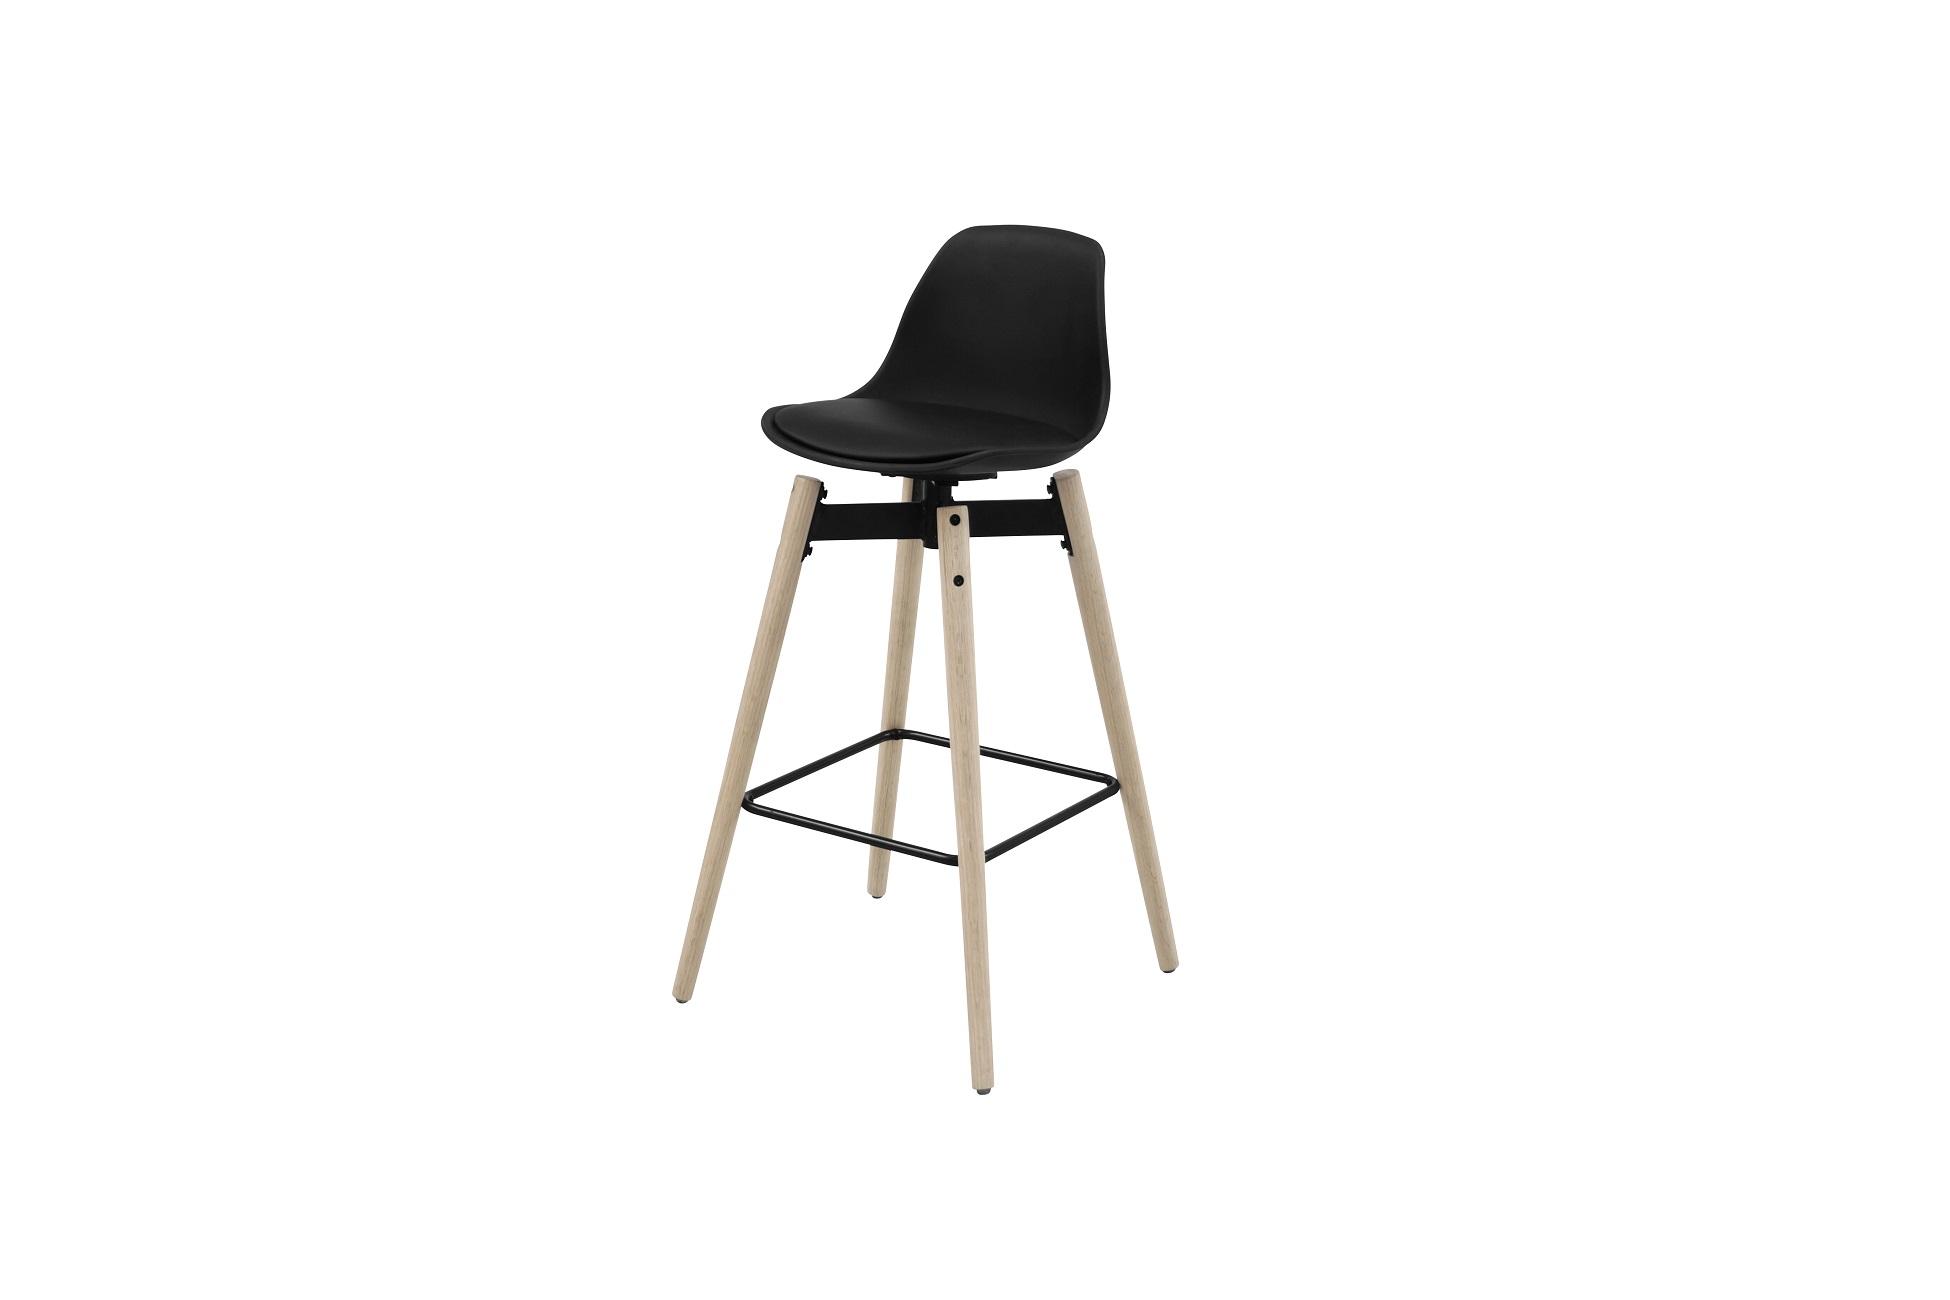 Dkton Dizajnová barová stolička Alter, čierna - RP